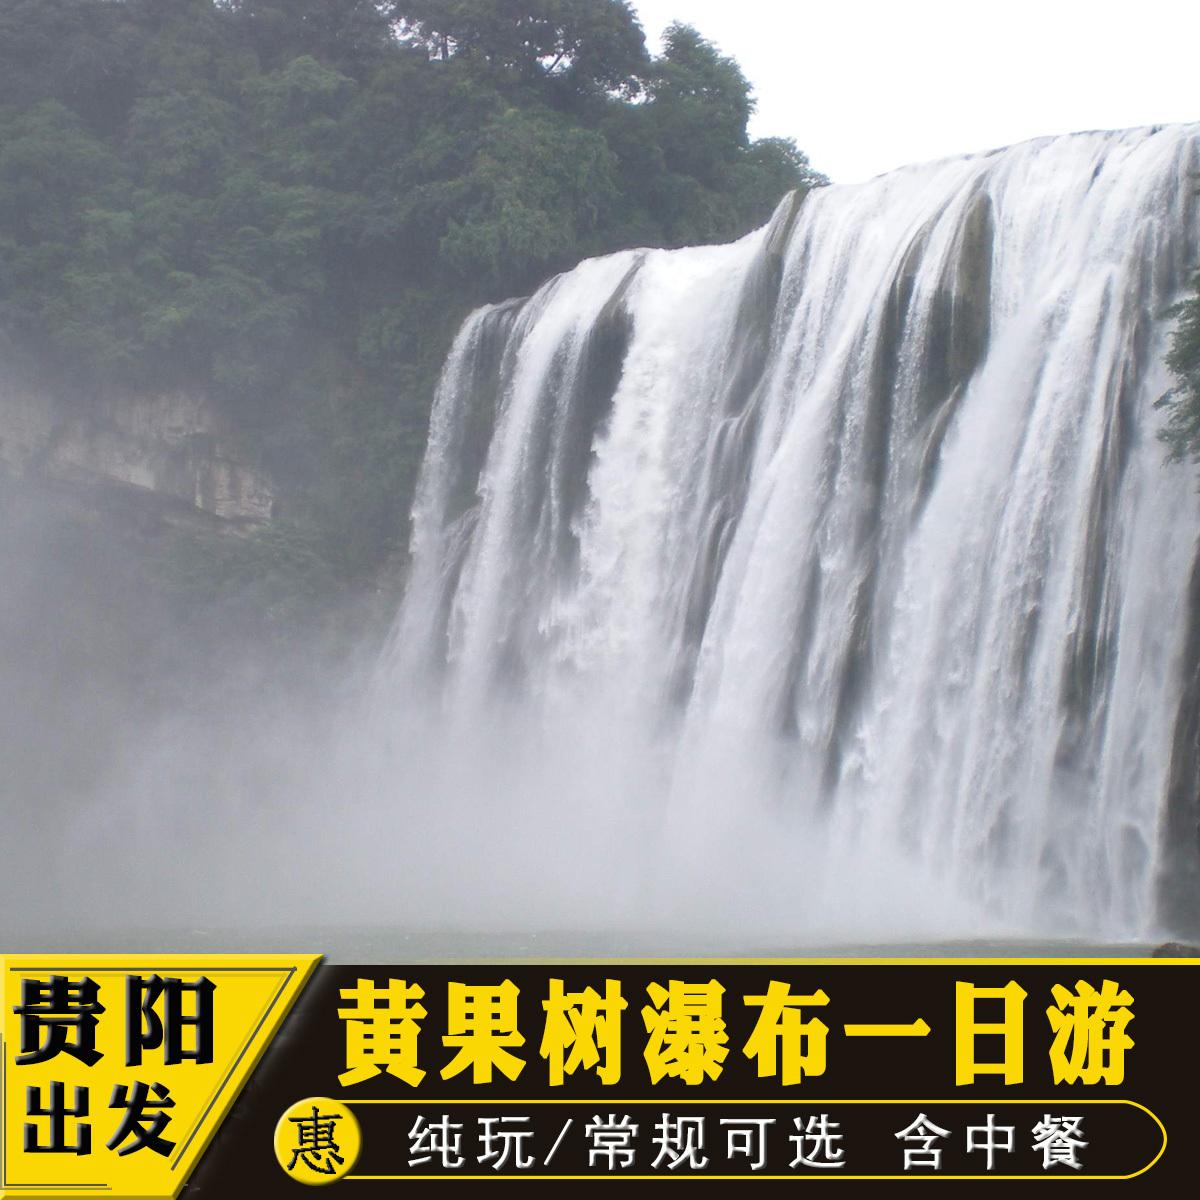 贵州 黄果树瀑布 陡坡塘 天星桥 纯玩 一日游 旅游 赠50元环保车